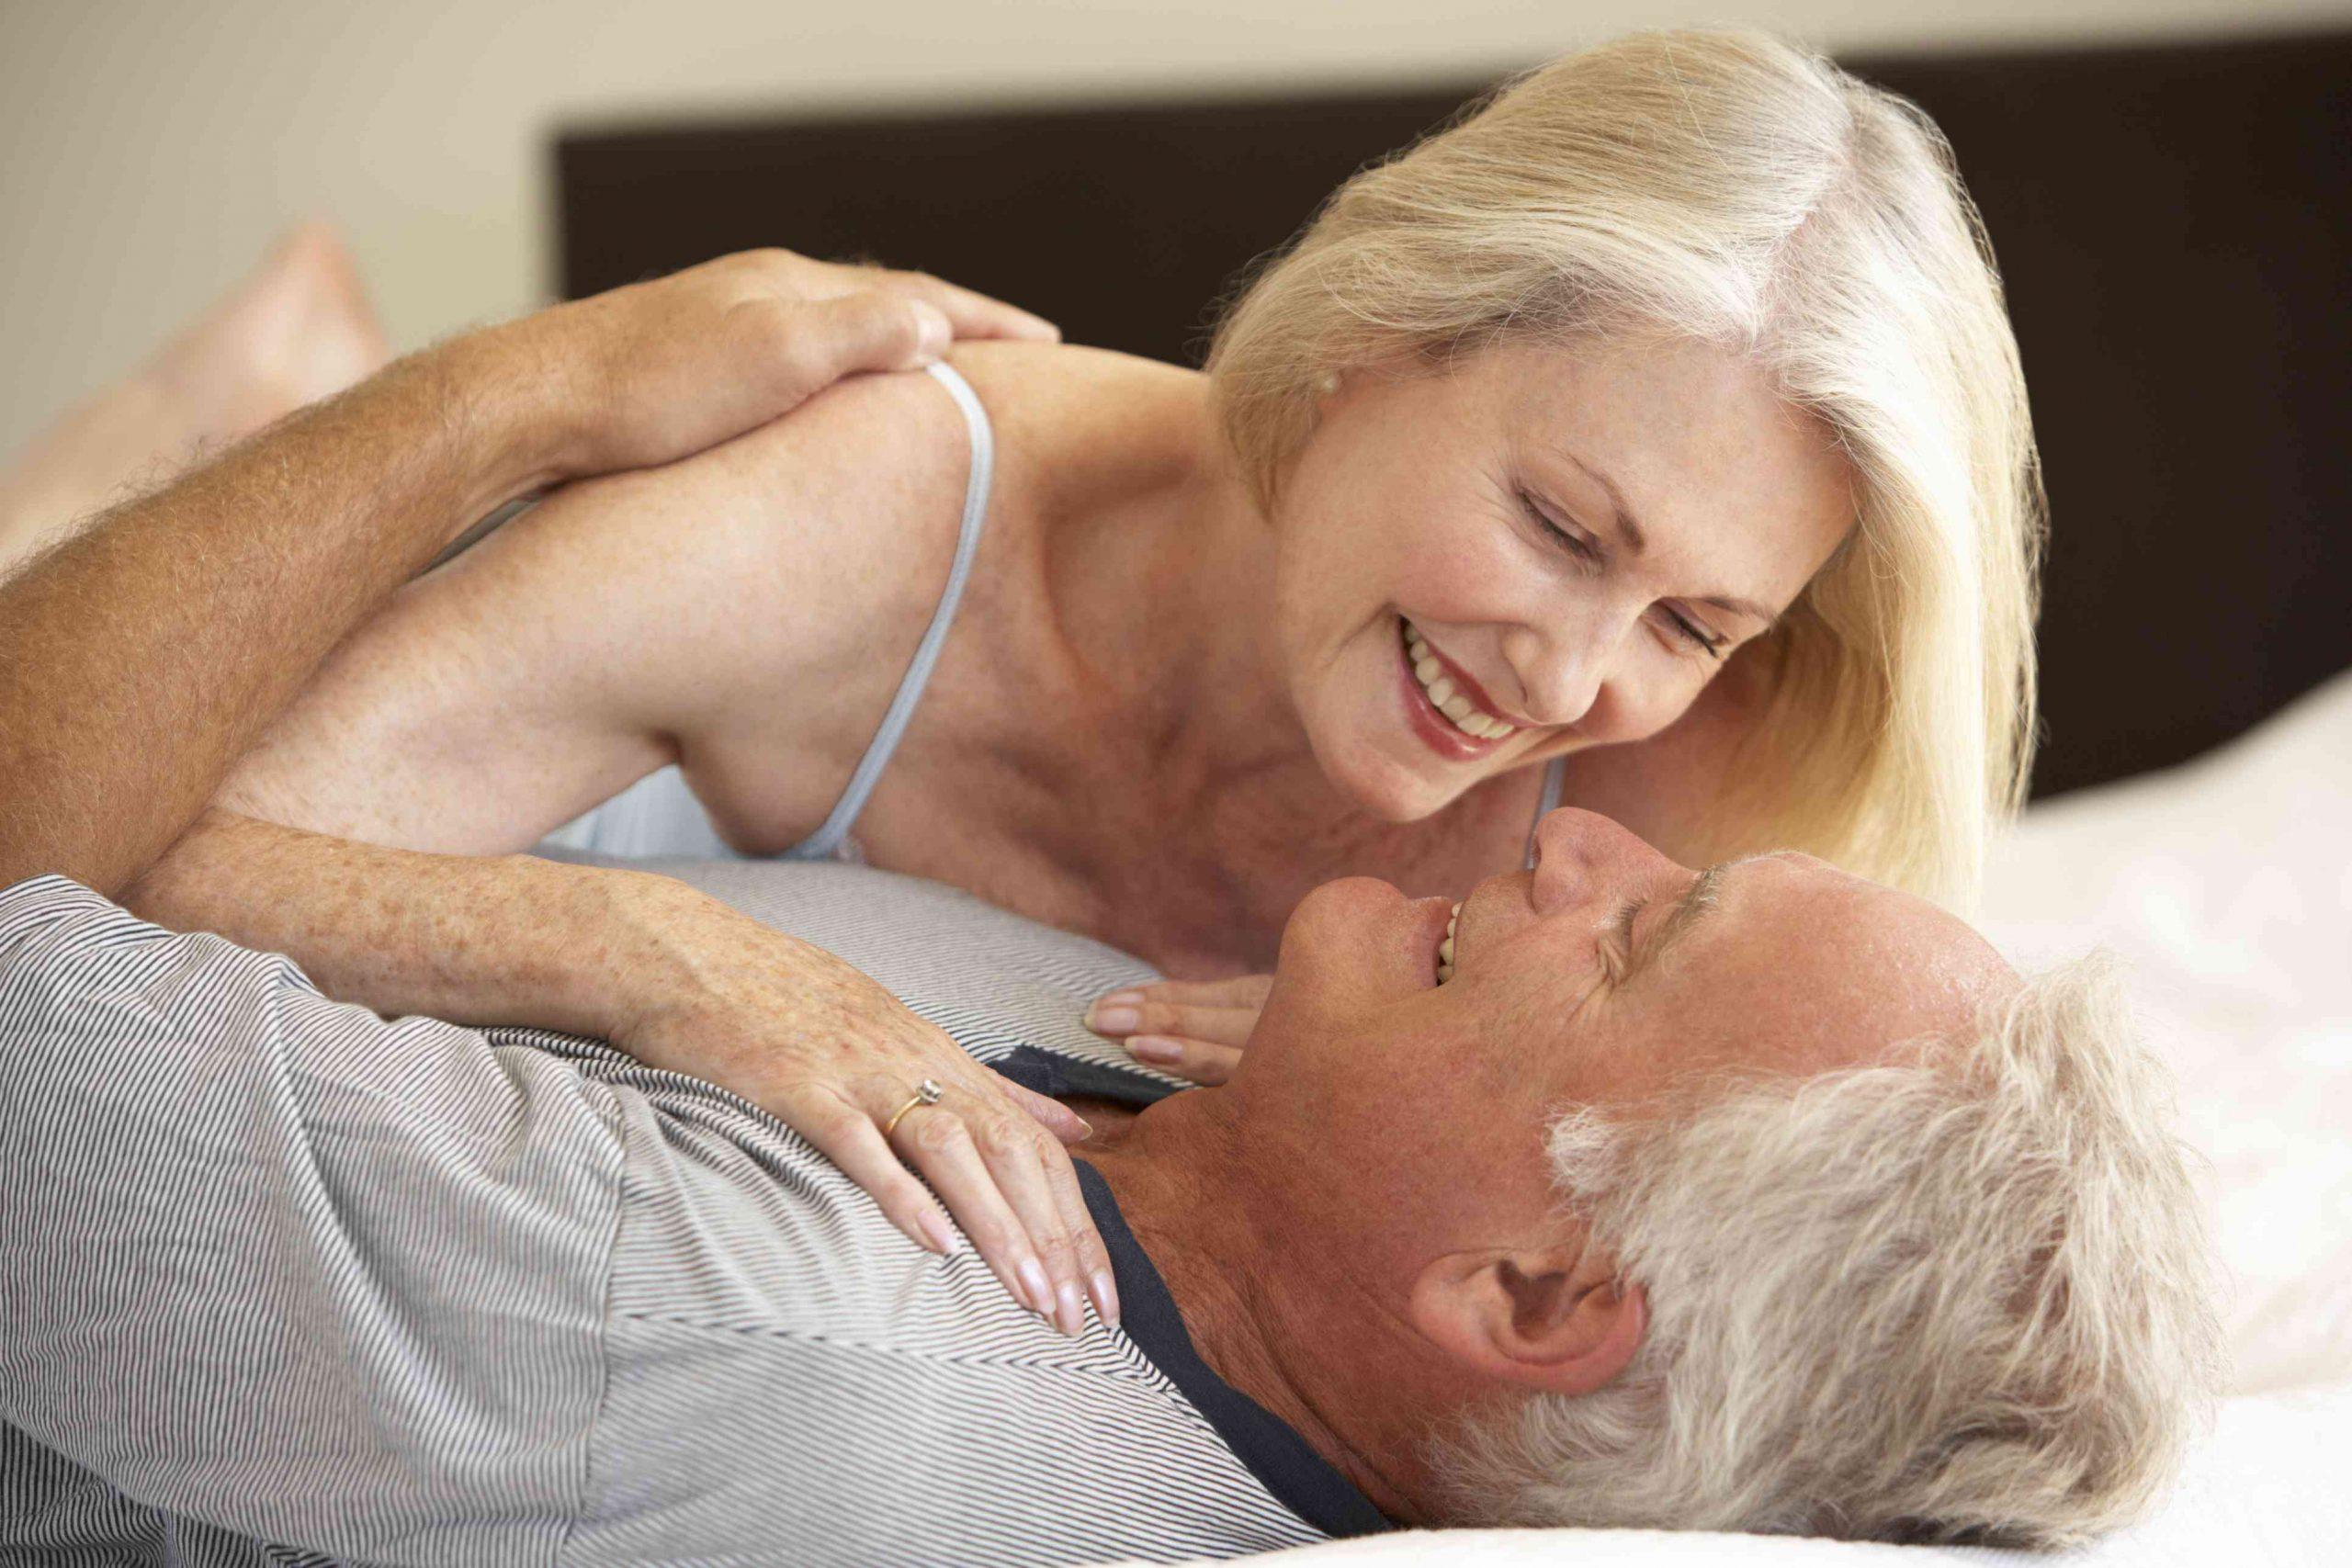 Σεξουαλική Υγεία: Σεξ και Γήρανση [vid]